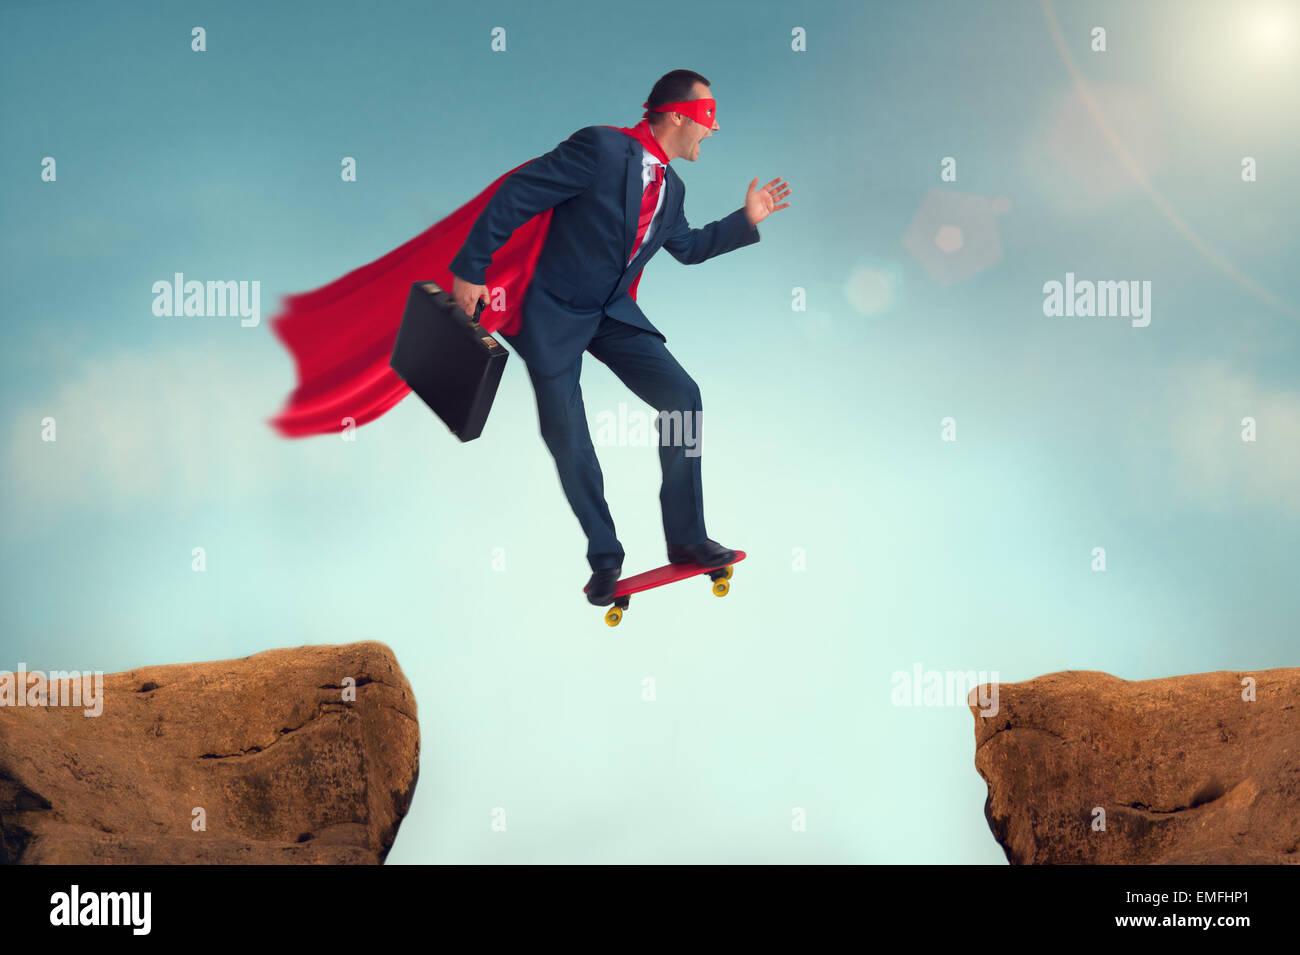 Imprenditore di supereroi sfida facendo un rischioso salto di fede su uno skateboard Immagini Stock